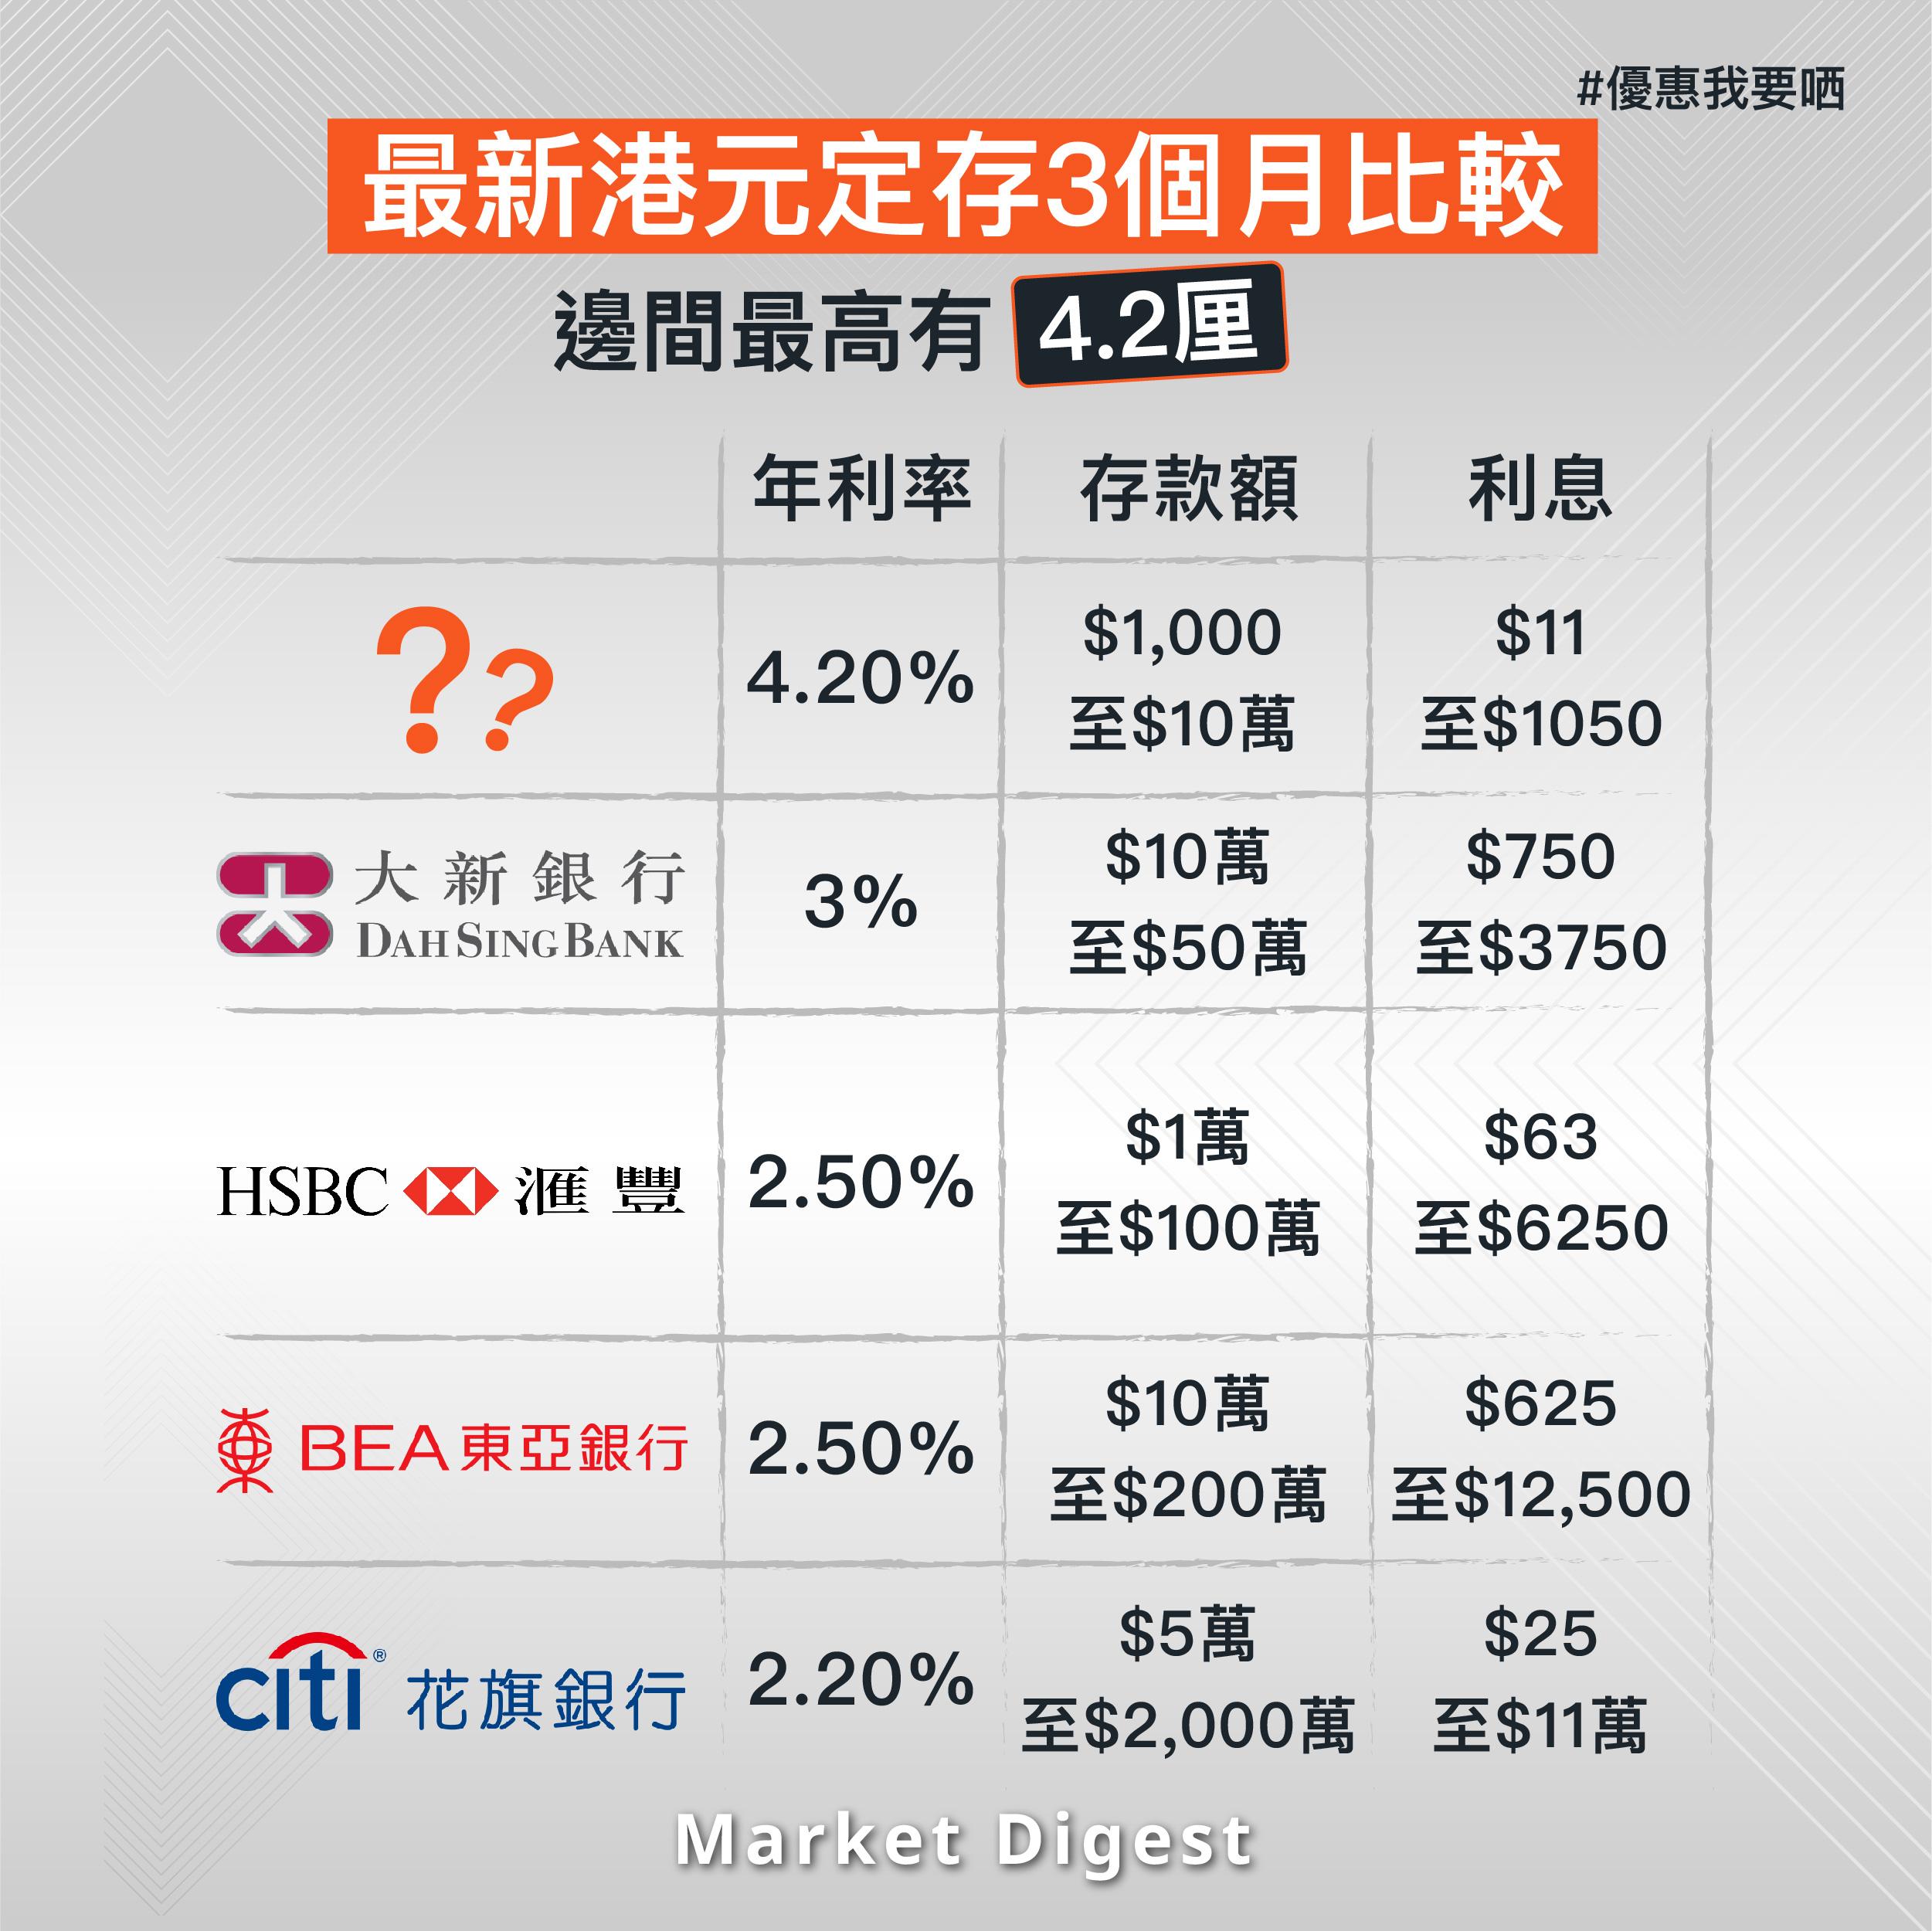 【優惠我要哂】最新港元定存3個月比較 邊間最高有4.2厘?